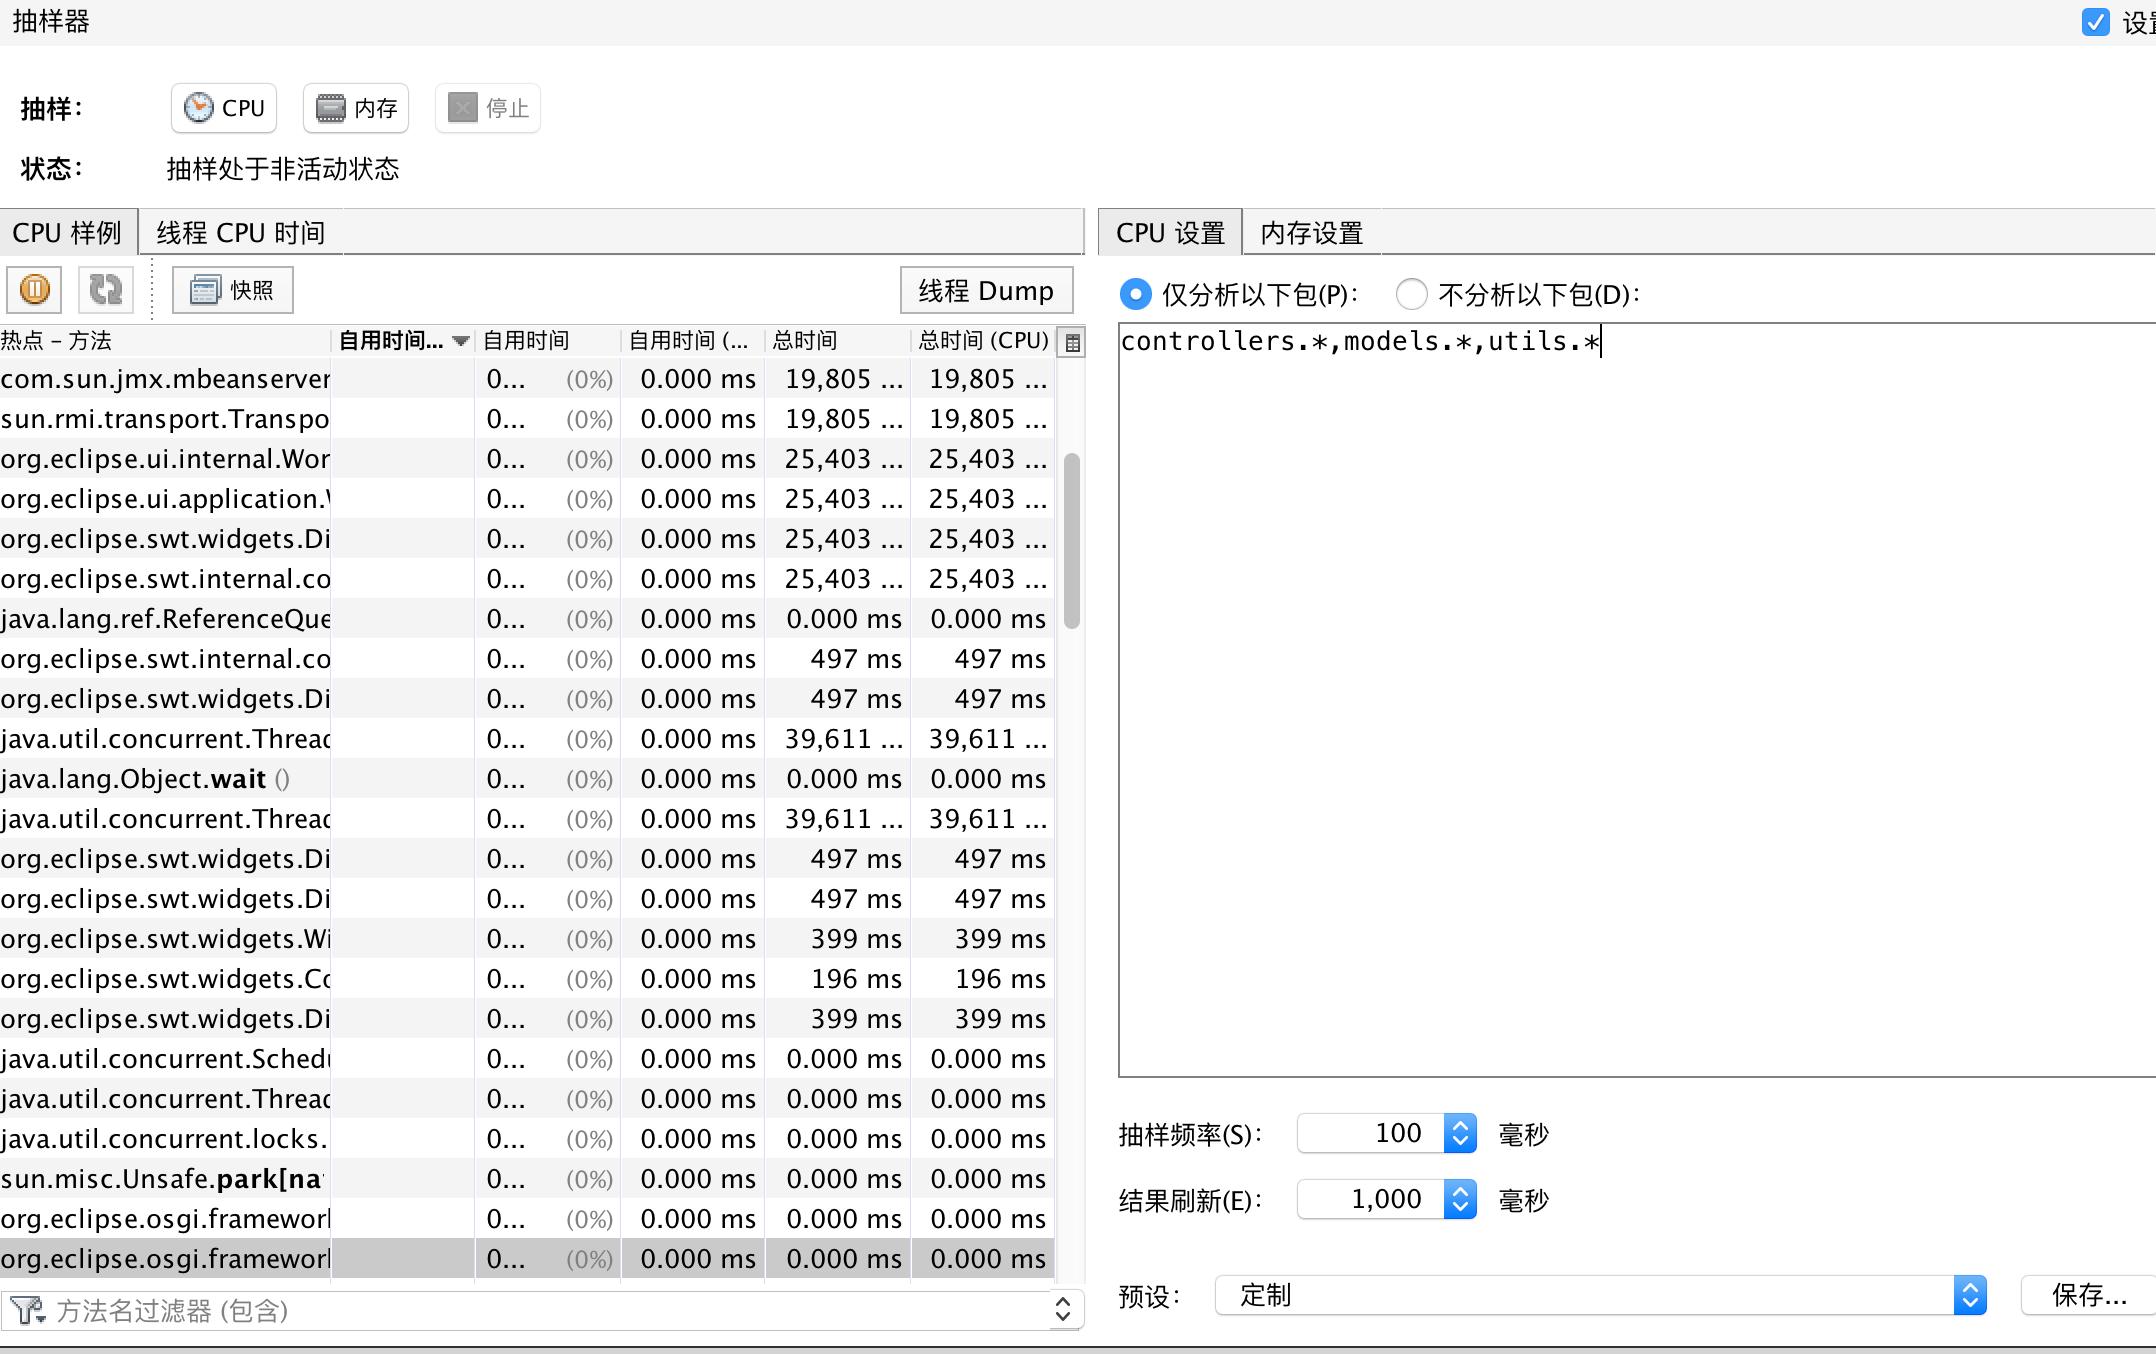 VisalVM CPU抽样